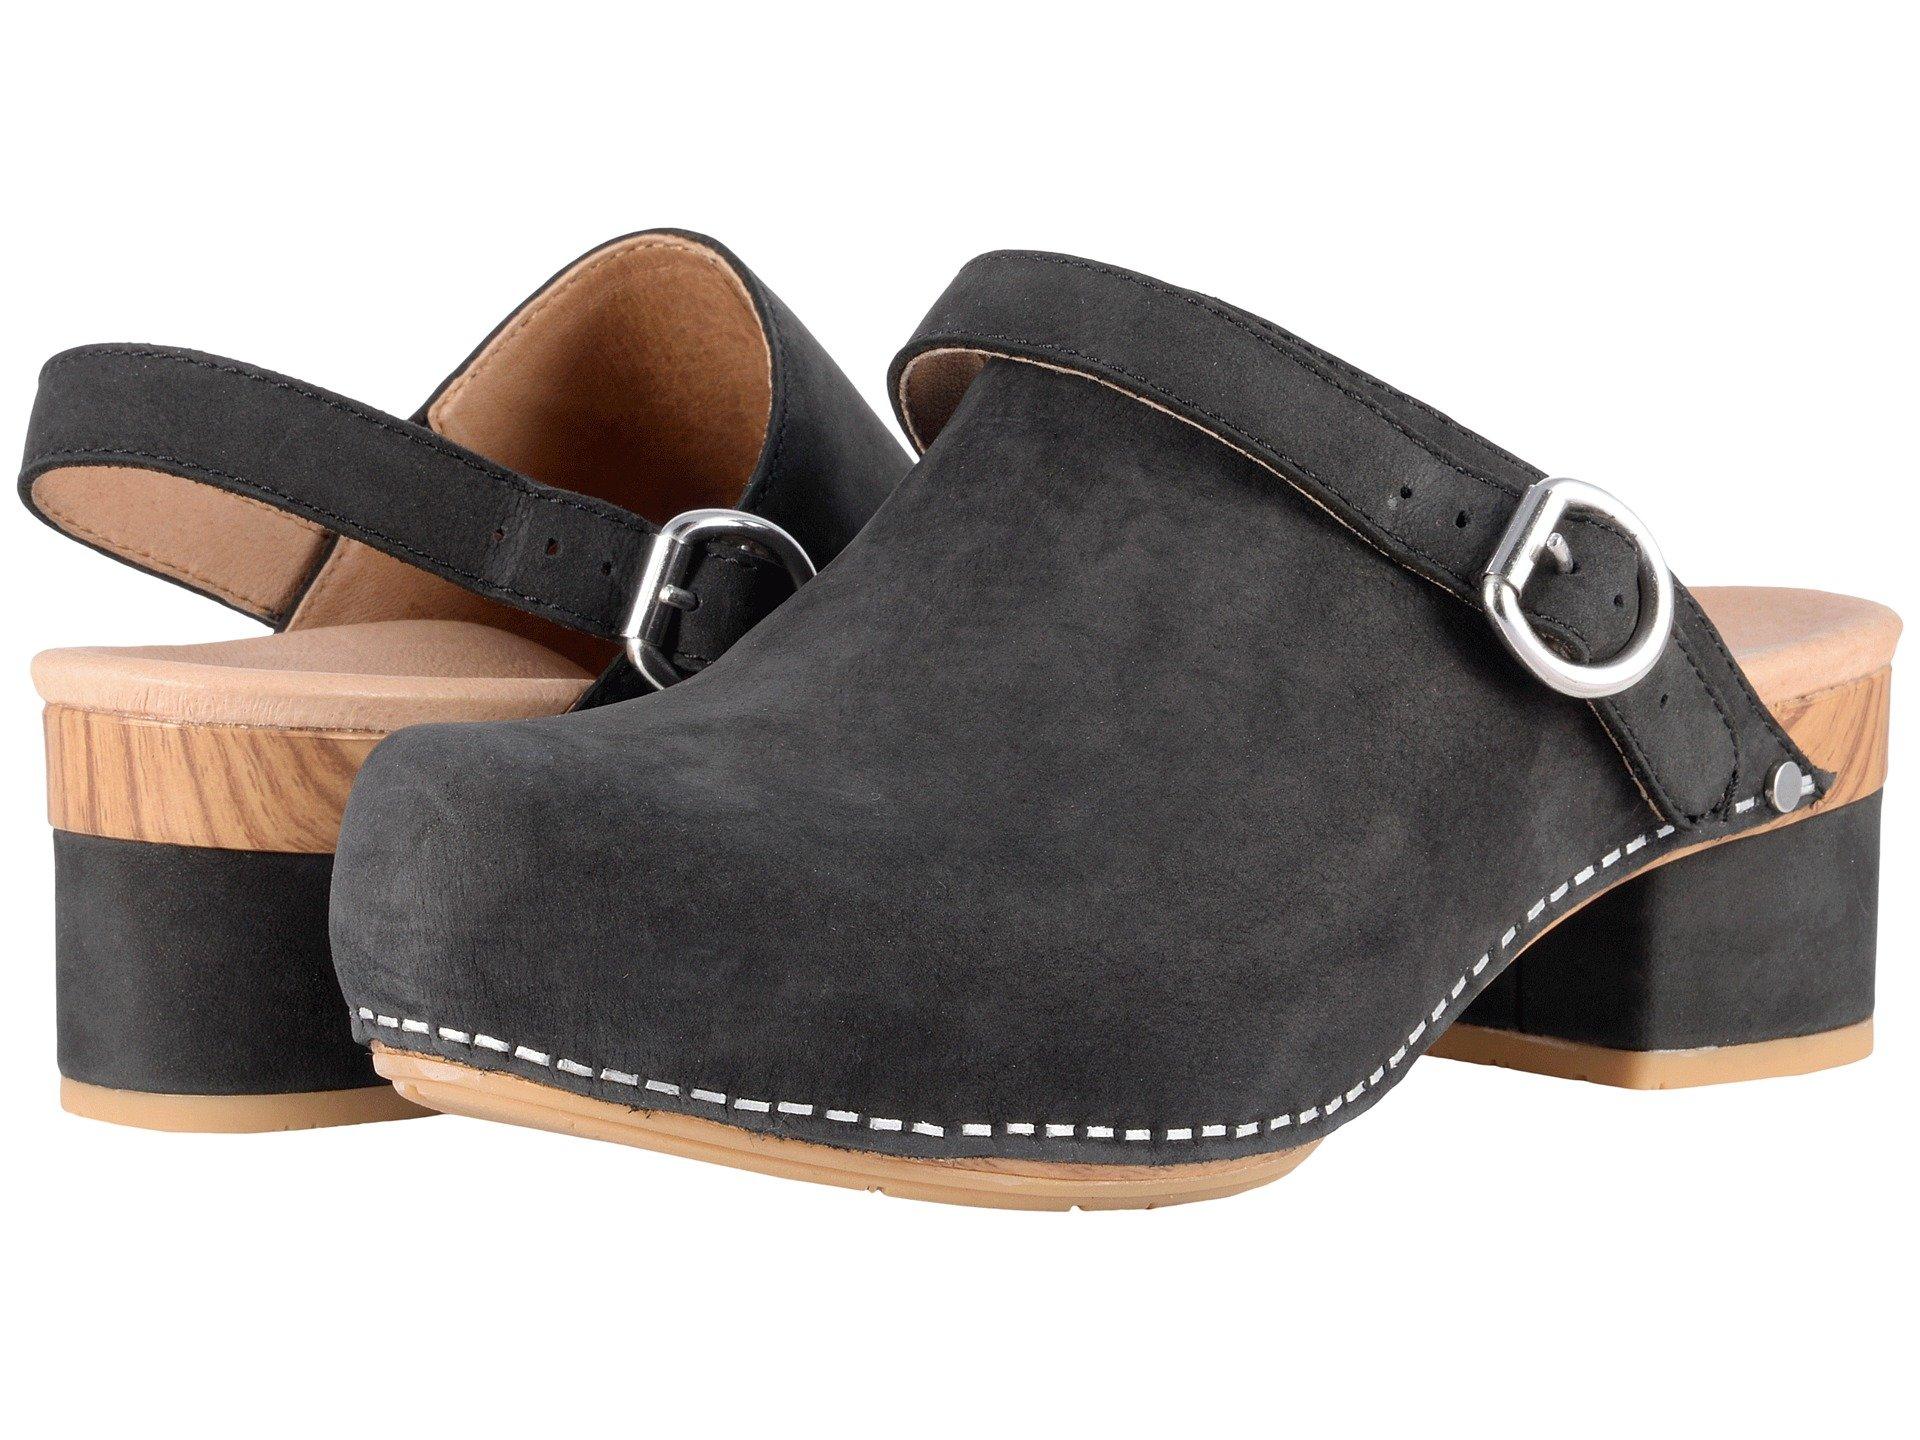 a233b0d4c88 Women s Dansko Shoes + FREE SHIPPING